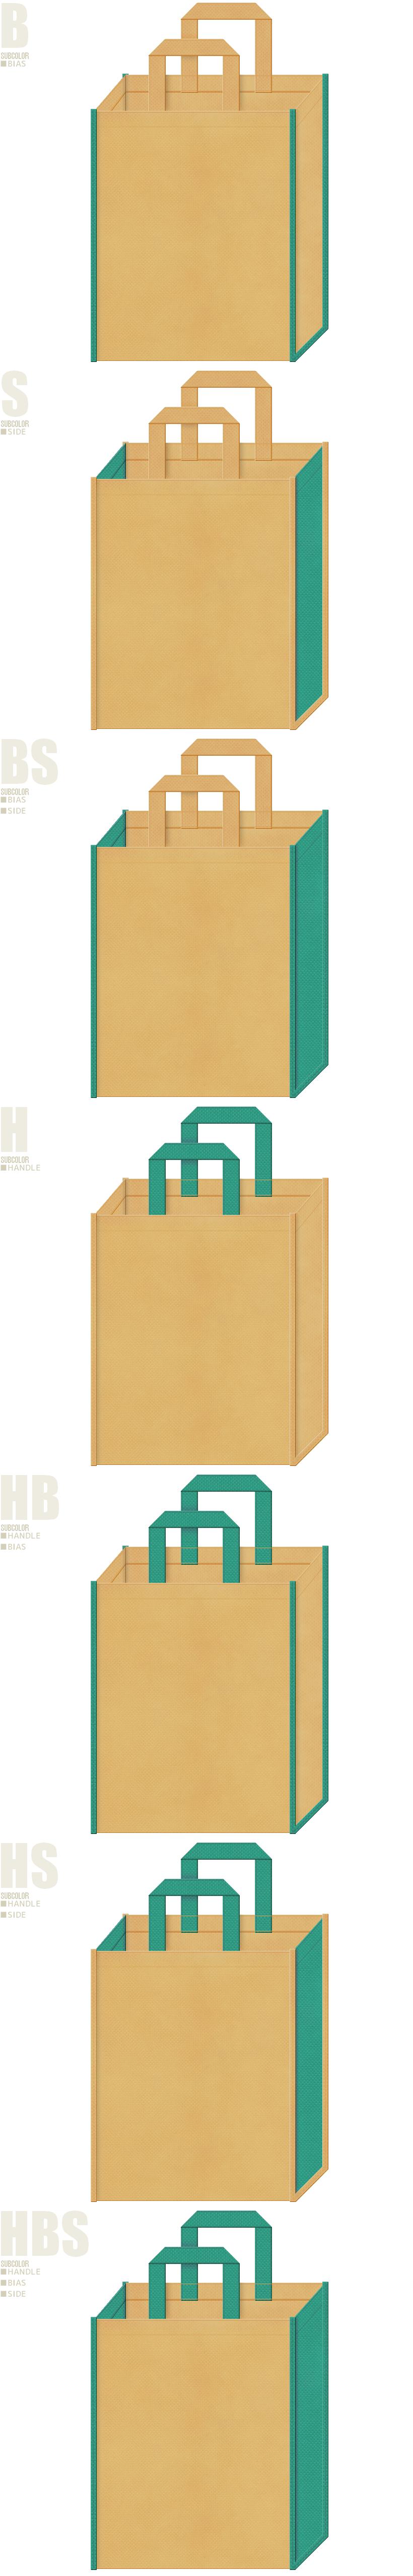 絵本・おとぎ話・木の看板・ビーチ・砂浜・野菜・牧場・産直市場・園芸用品・DIYのイベントにお奨めの不織布バッグデザイン:薄黄土色と青緑色の配色7パターン